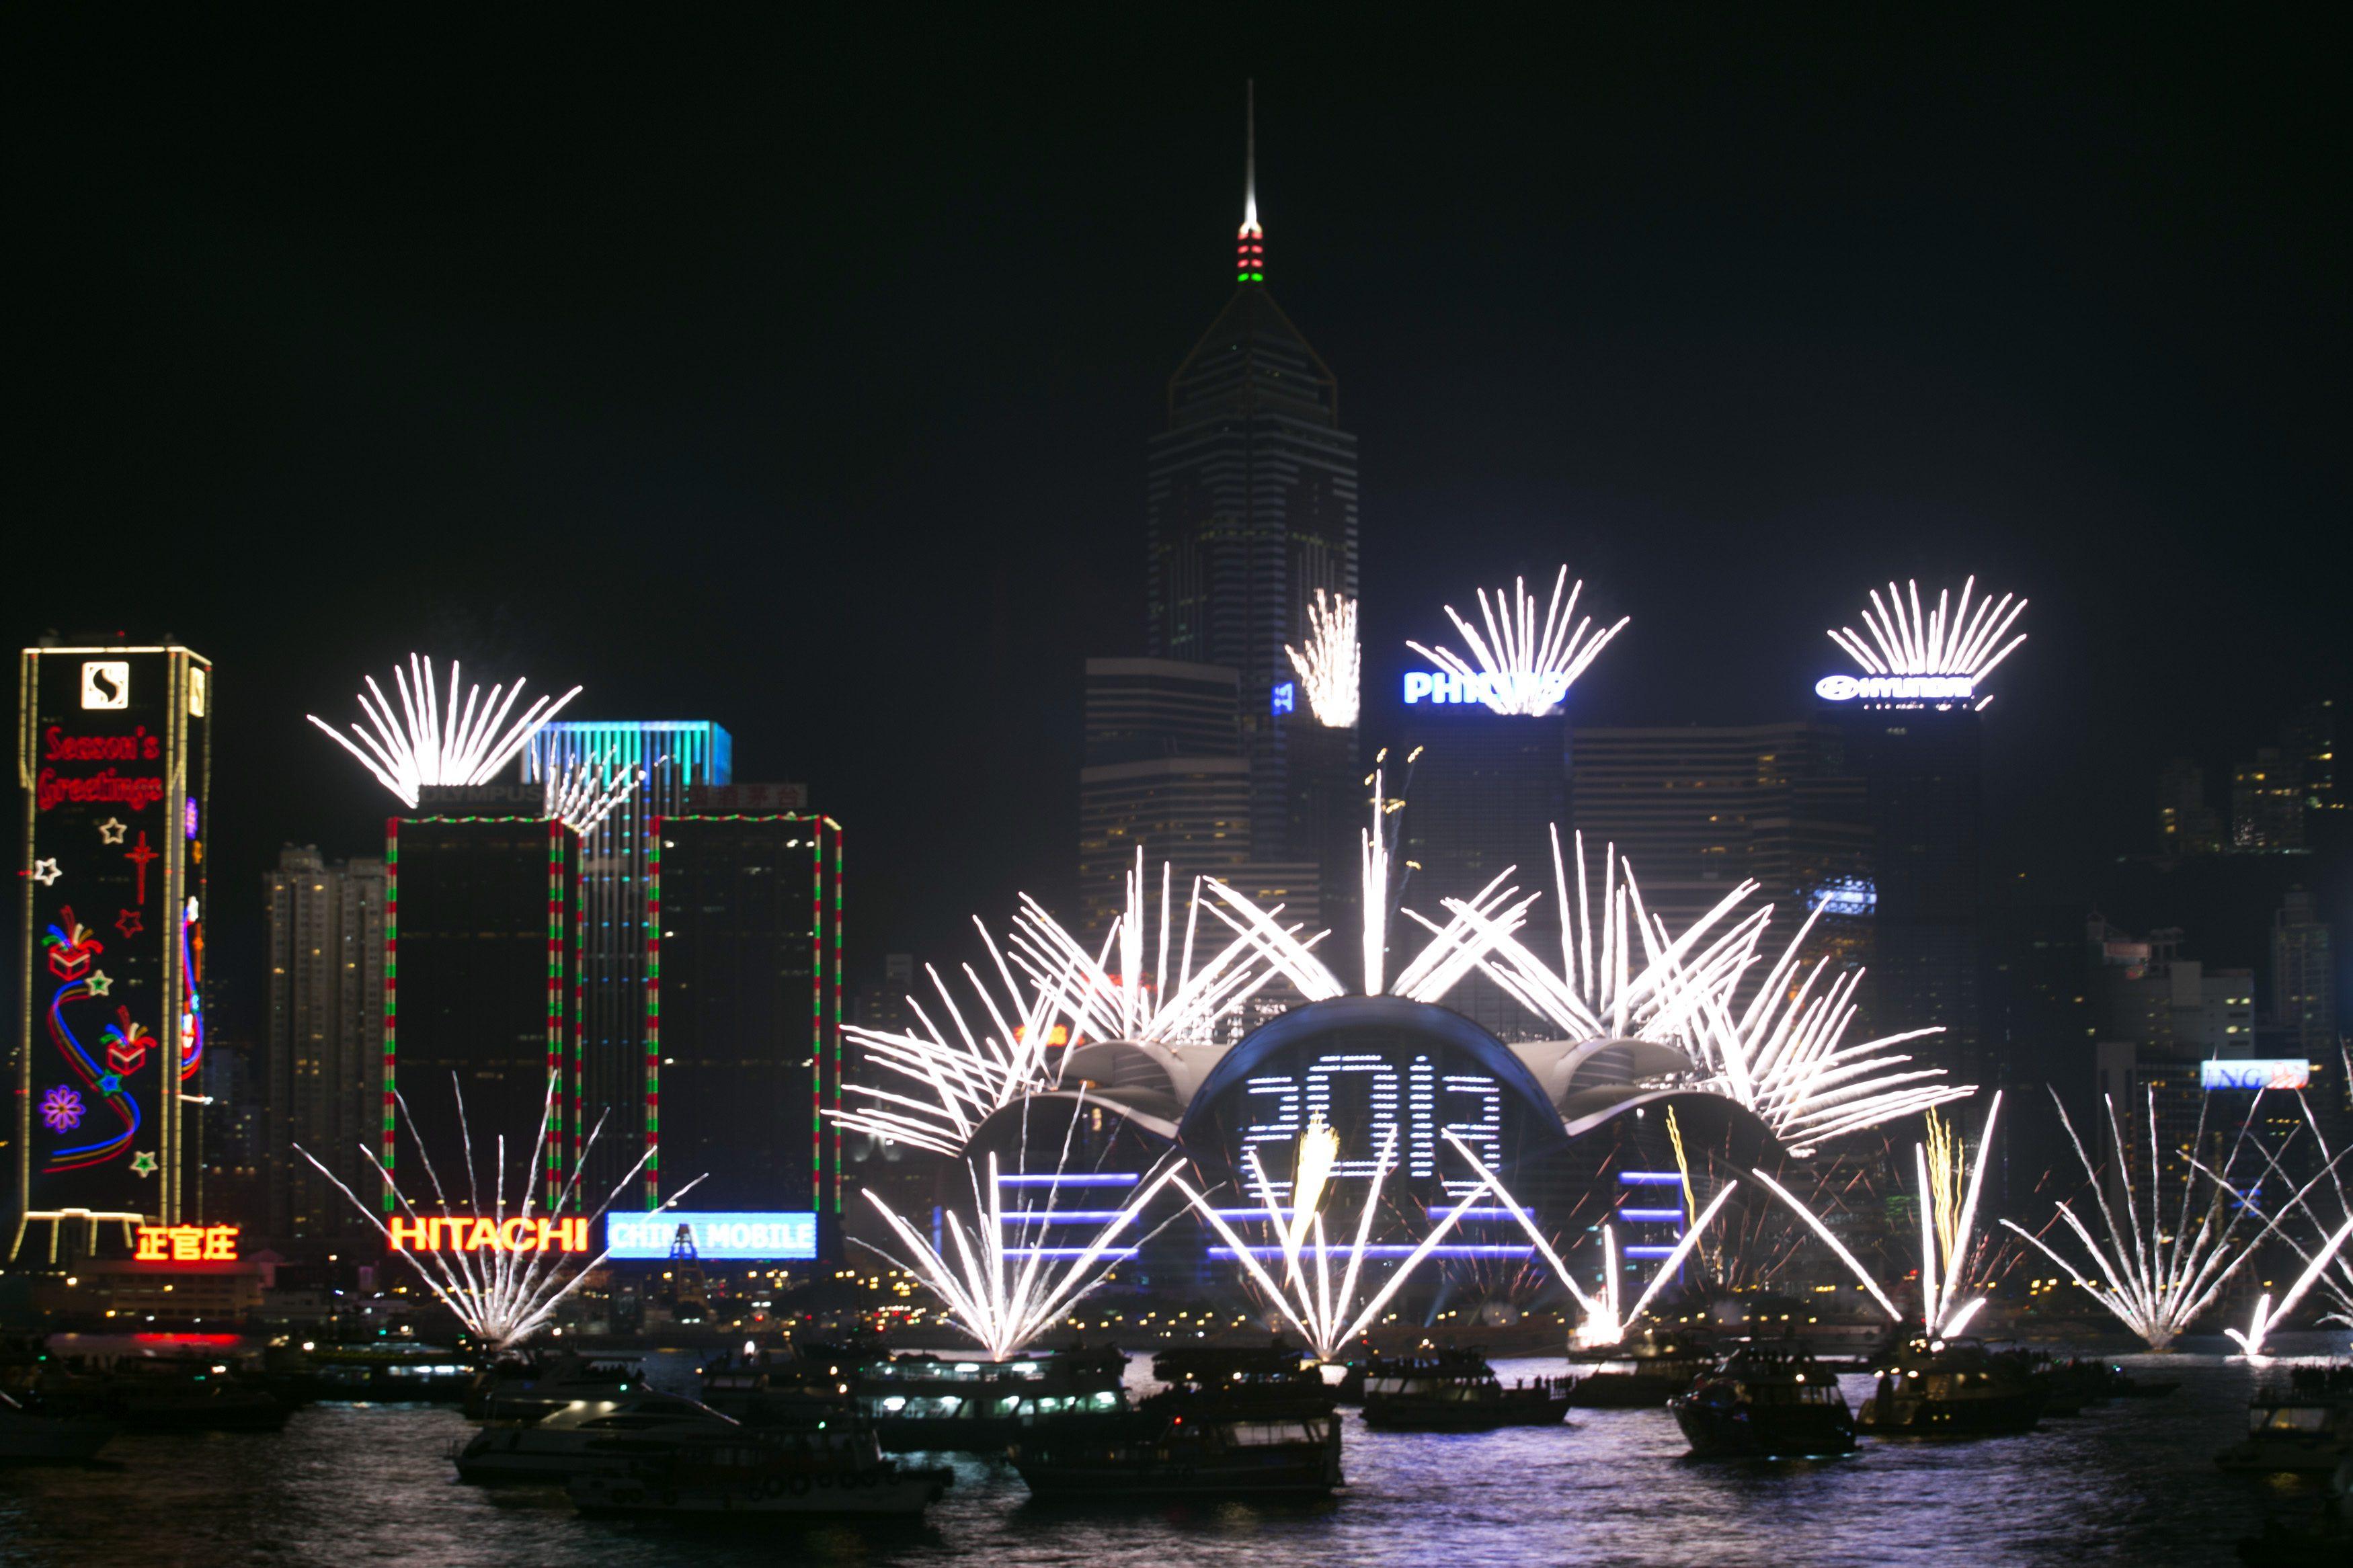 Fogo-de-artifício em Hong Kong para celebrar a chegada do novo ano